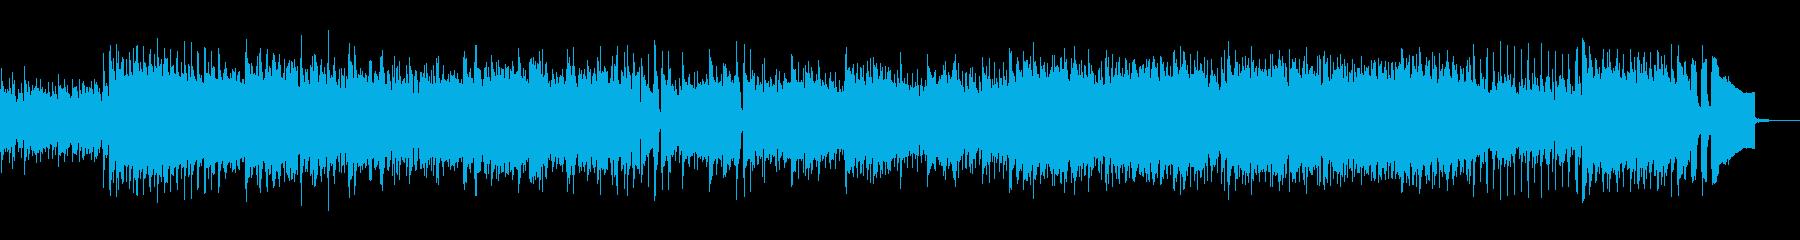 疾走感のあるアコースティックポップスの再生済みの波形